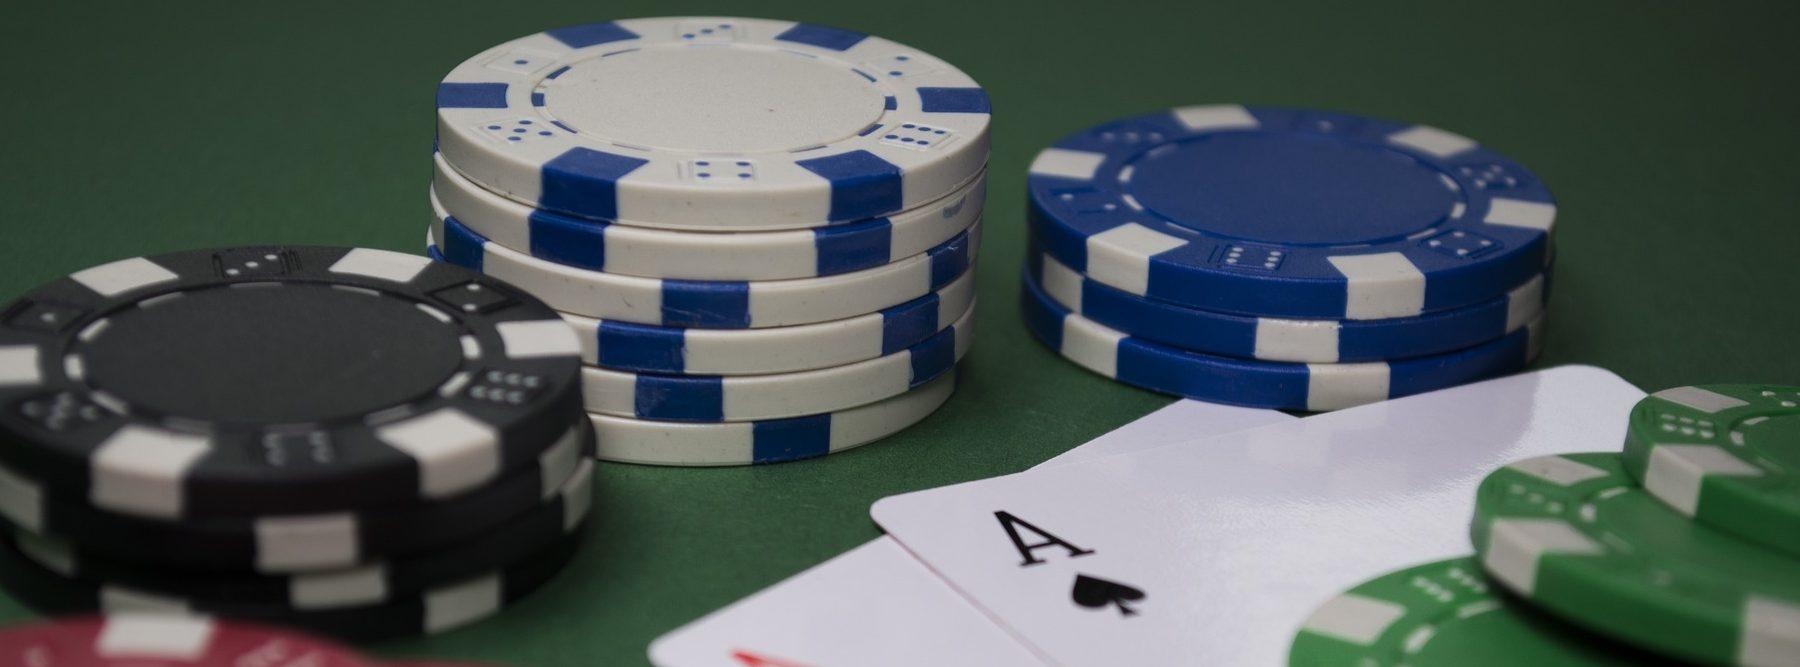 Un bot de IA vence por primera vez en una partida de póker multijugador